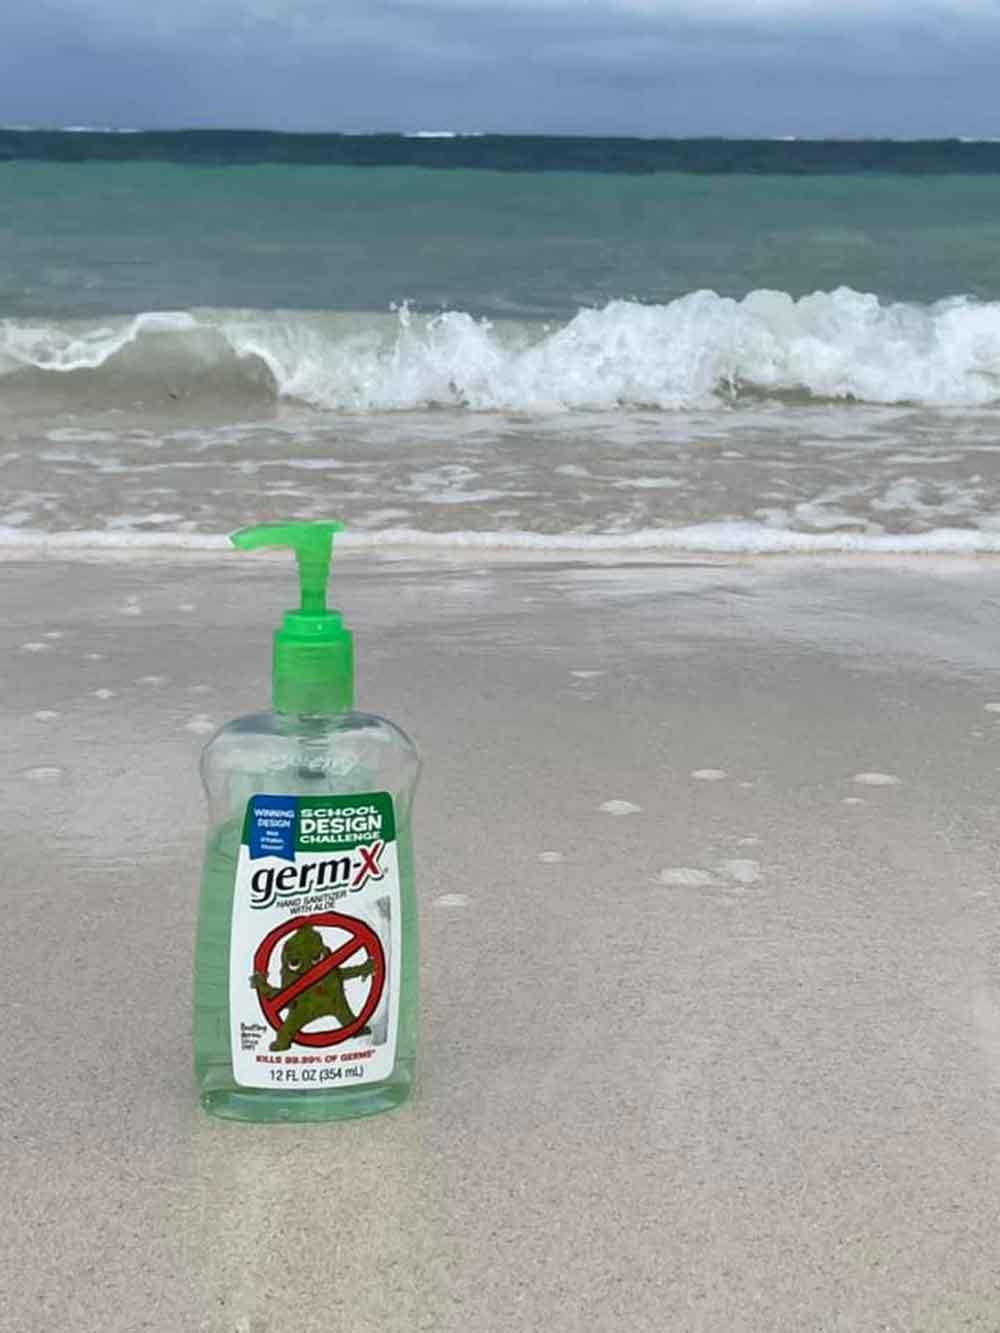 COVID Precautions in Mexico